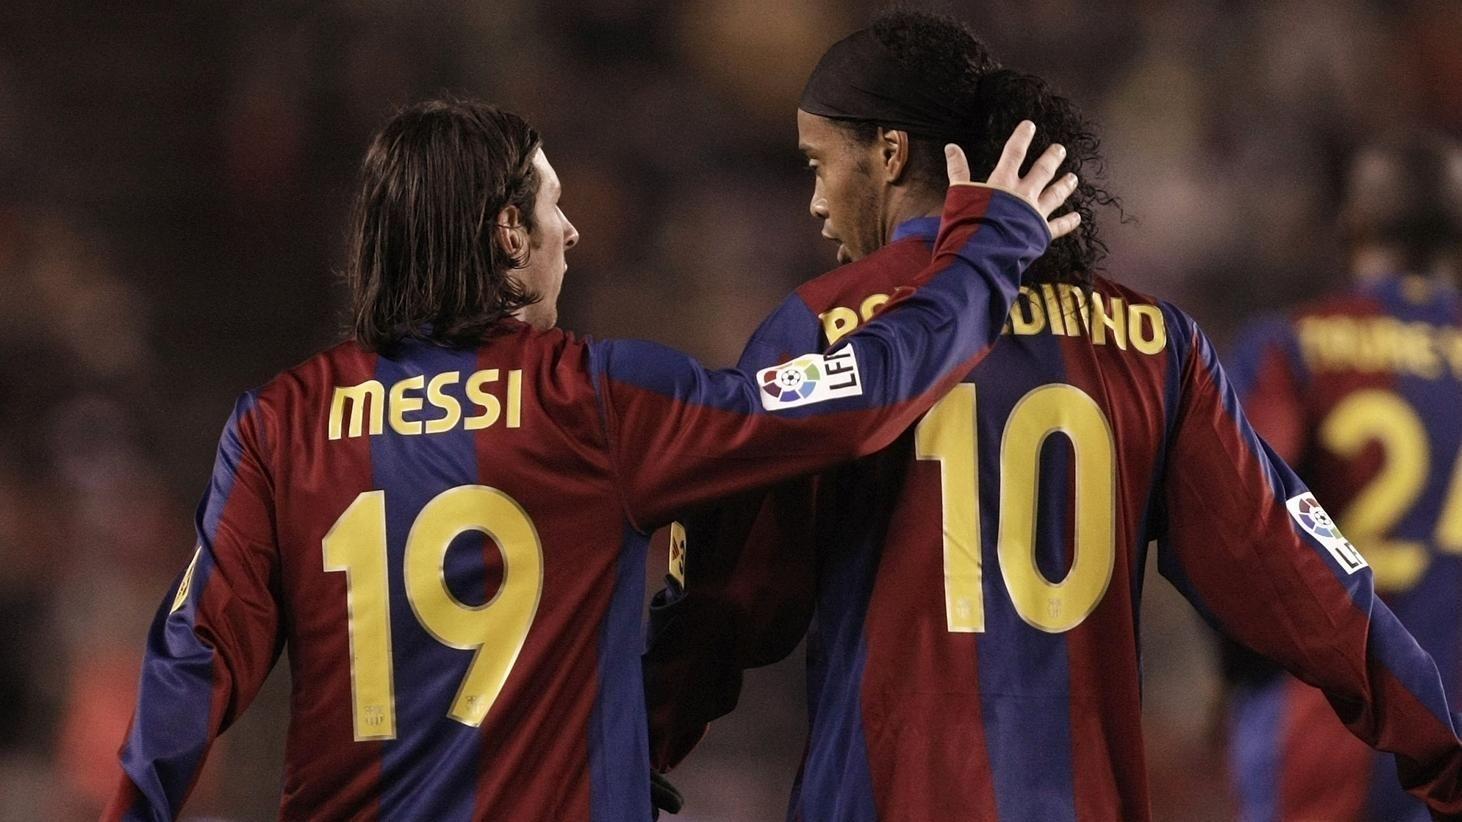 El mensaje de Ronaldinho para Messi por su paso al PSG. ¡Entre magos se entienden!